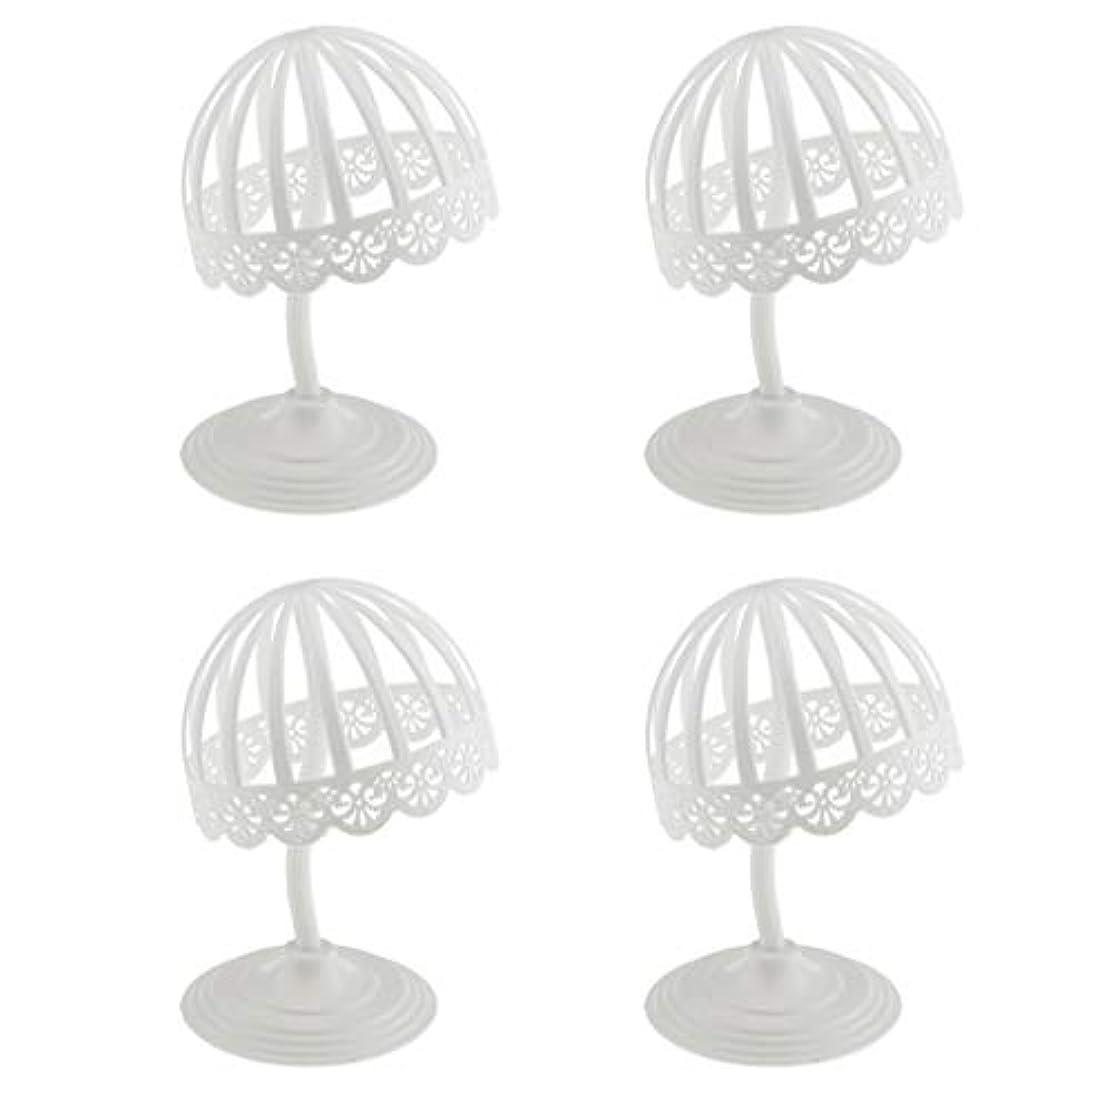 バレエアブストラクトラバPerfeclan 4個セット ウィッグ スタンド 帽子 収納 ディスプレイ ホルダー プラスチック製 ホワイト